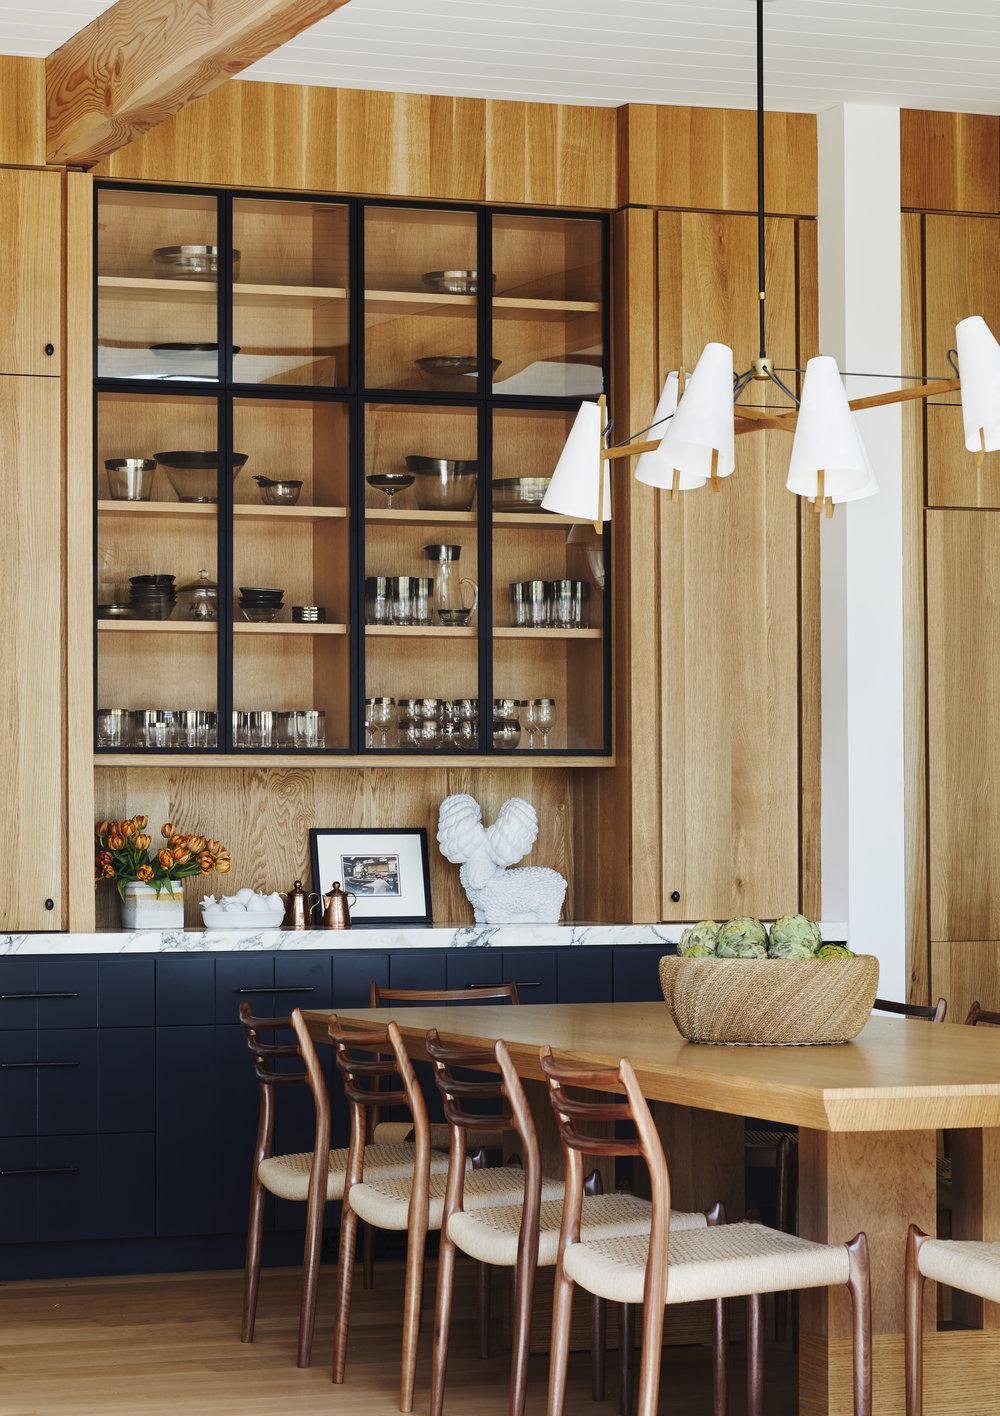 014 Barta Interiors - Mar Vista Residence - Dining 1.jpg